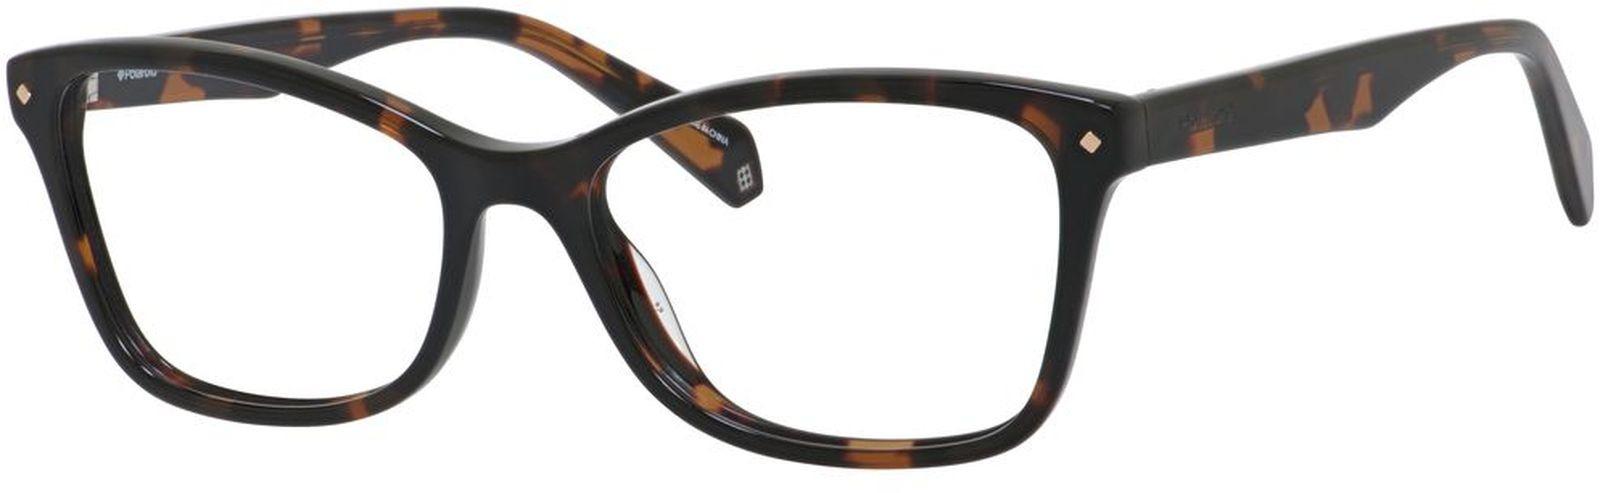 Оправа для очков женская Polaroid D320, PLD-1003430865317, коричневый polaroid pld d203 dl5